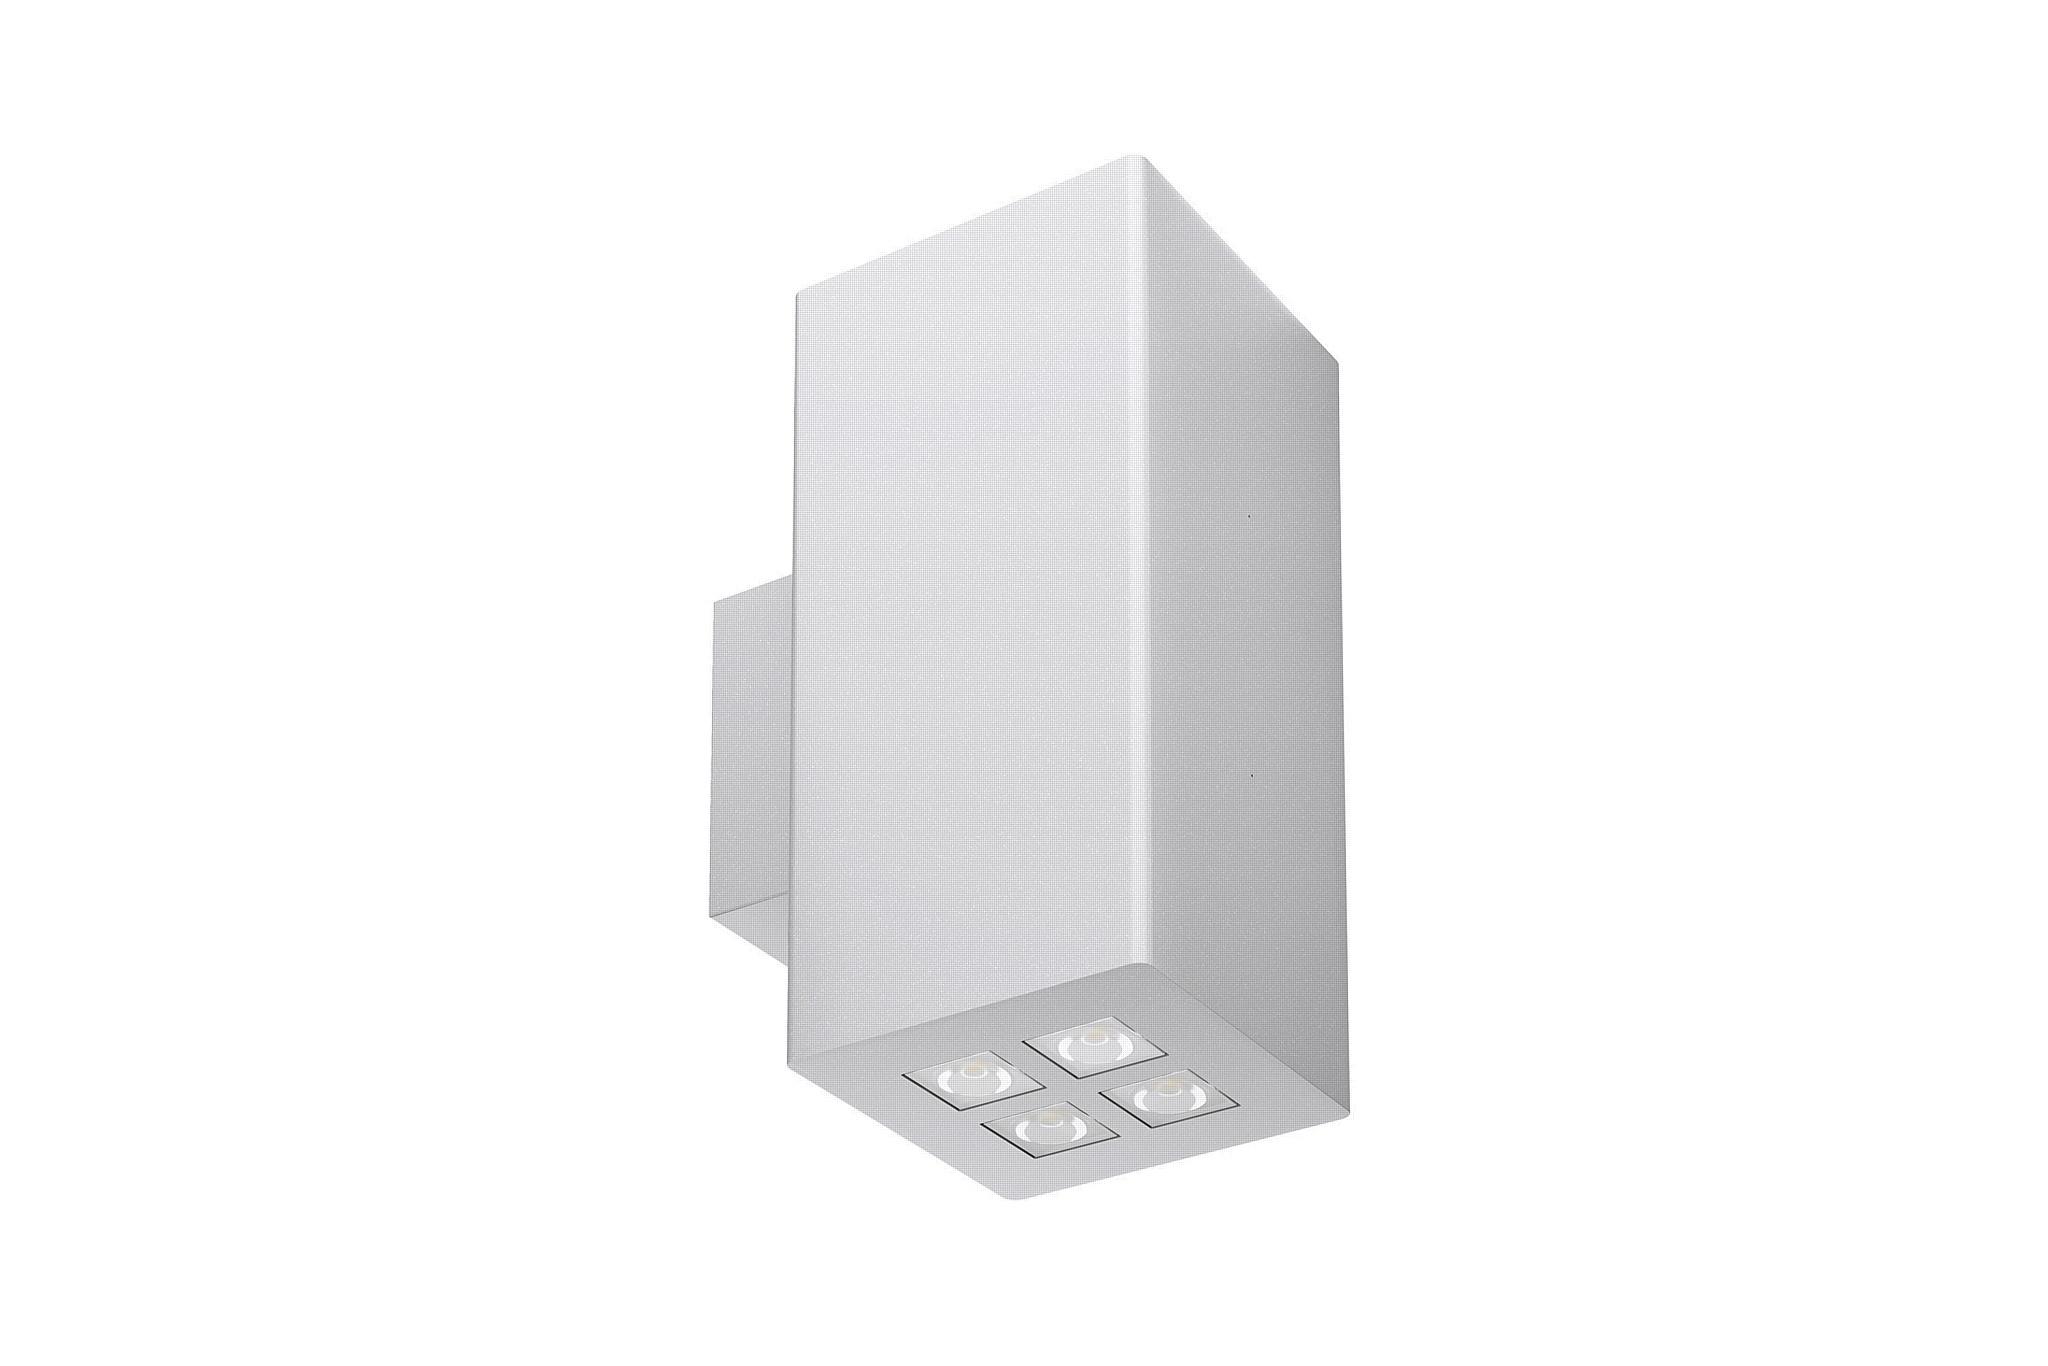 Новая серия светильников для архитектурной подсветки – Кубик Мини